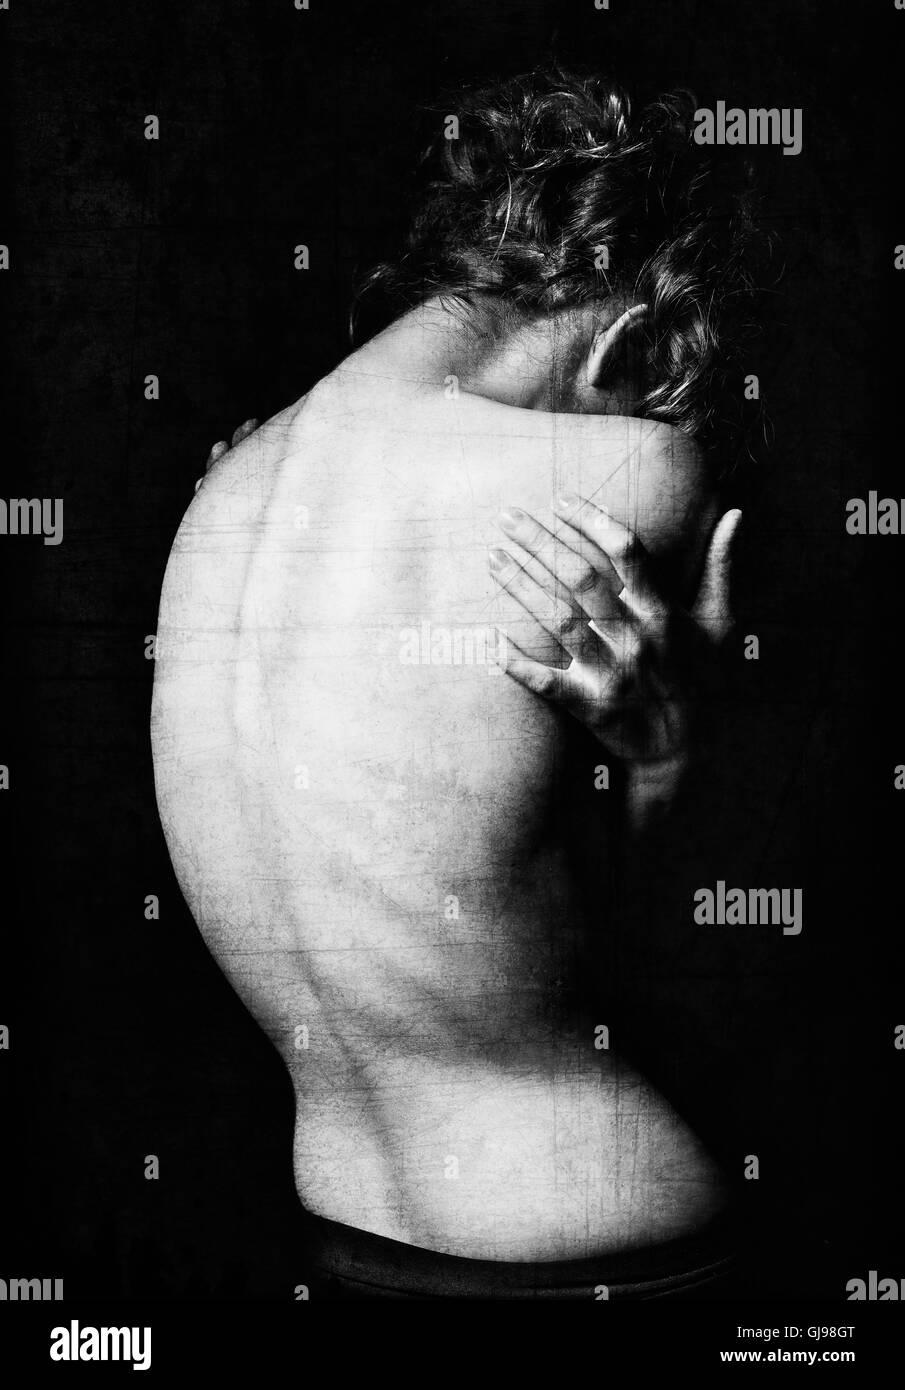 Spooky portrait d'une jeune femme parmi l'obscurité. Effet texture grunge. Noir et blanc, vue arrière Photo Stock